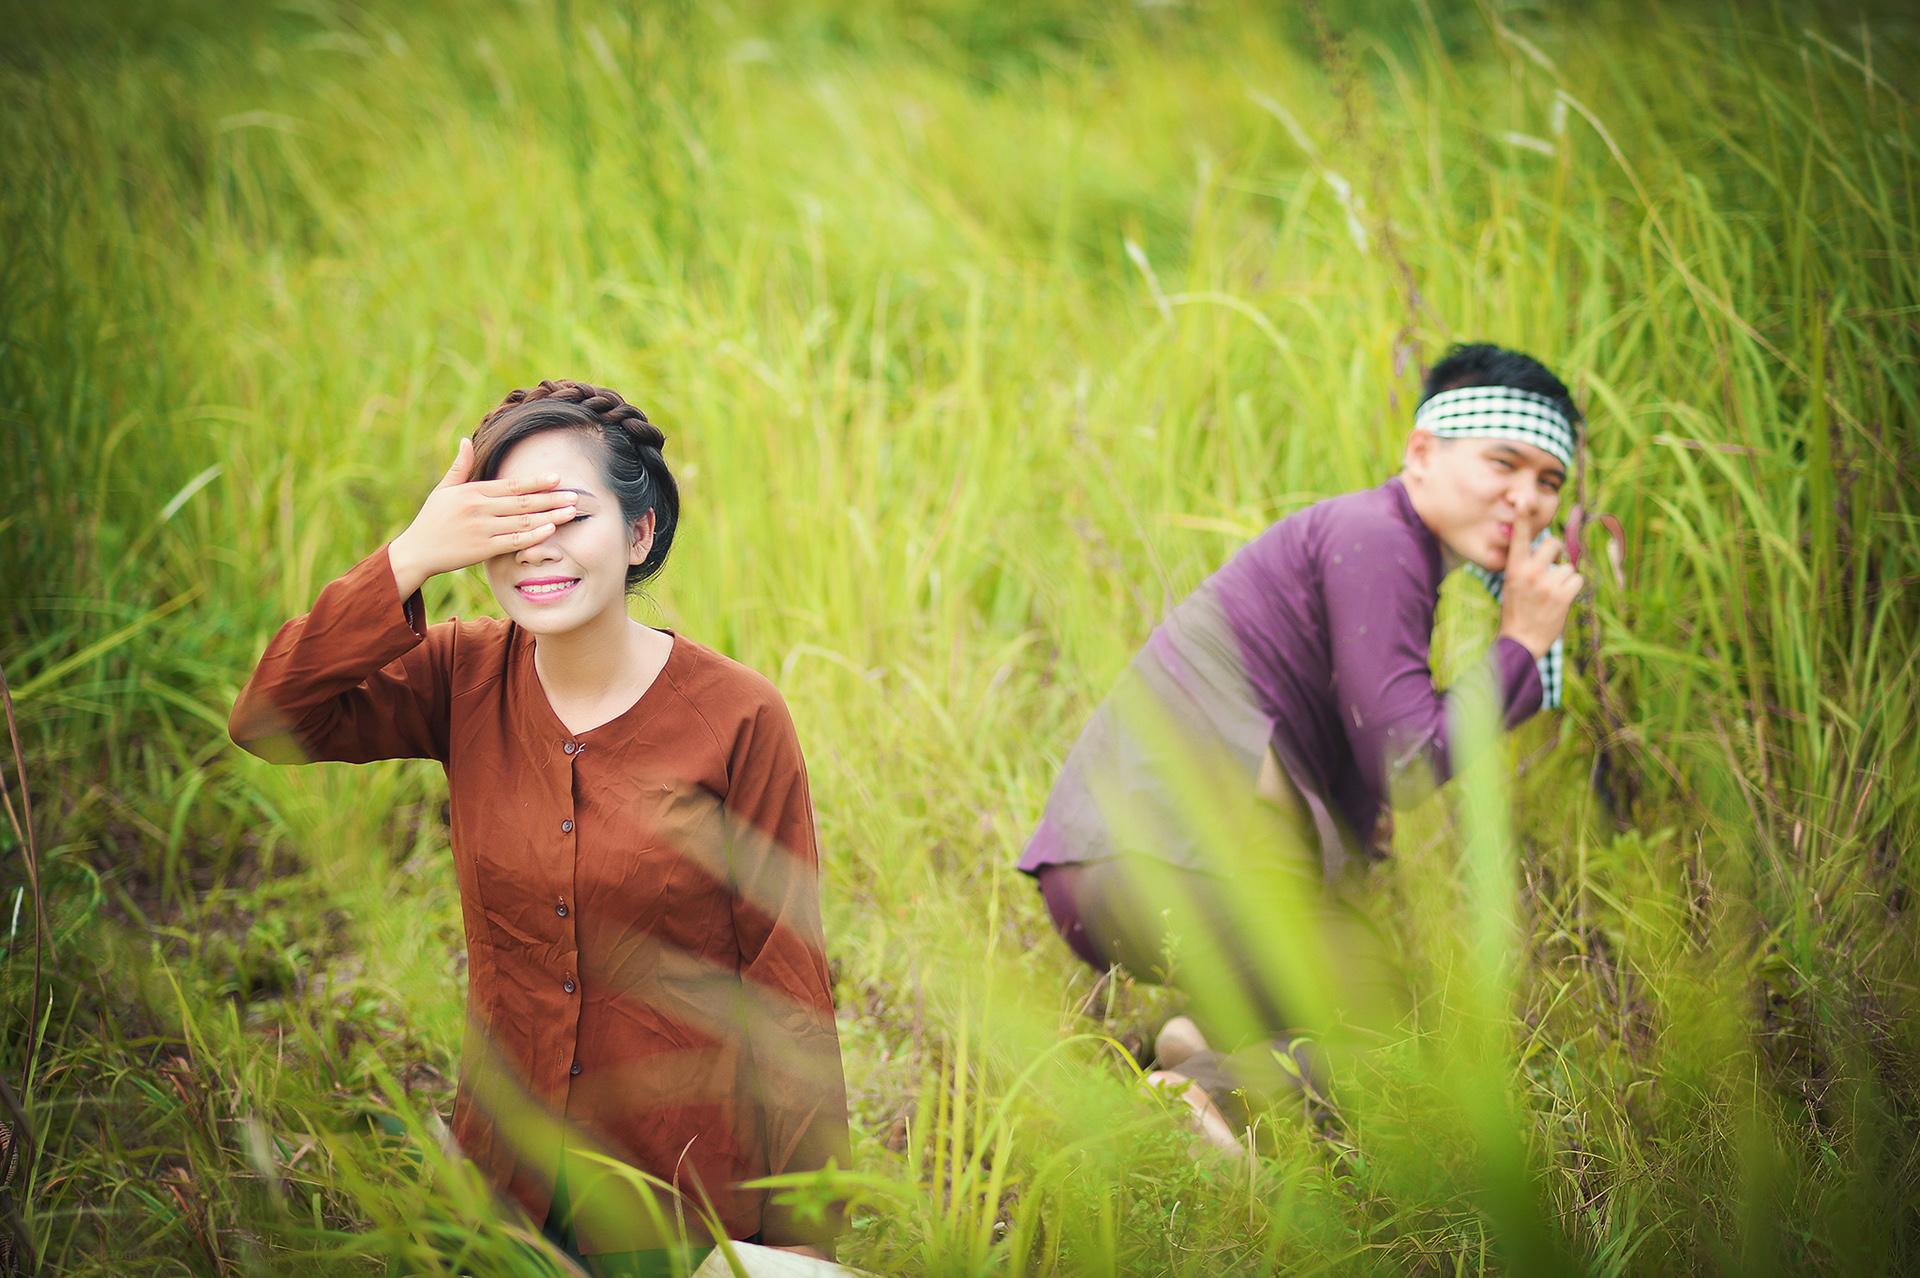 Bộ ảnh cưới độc đáo với phong cách thôn quê